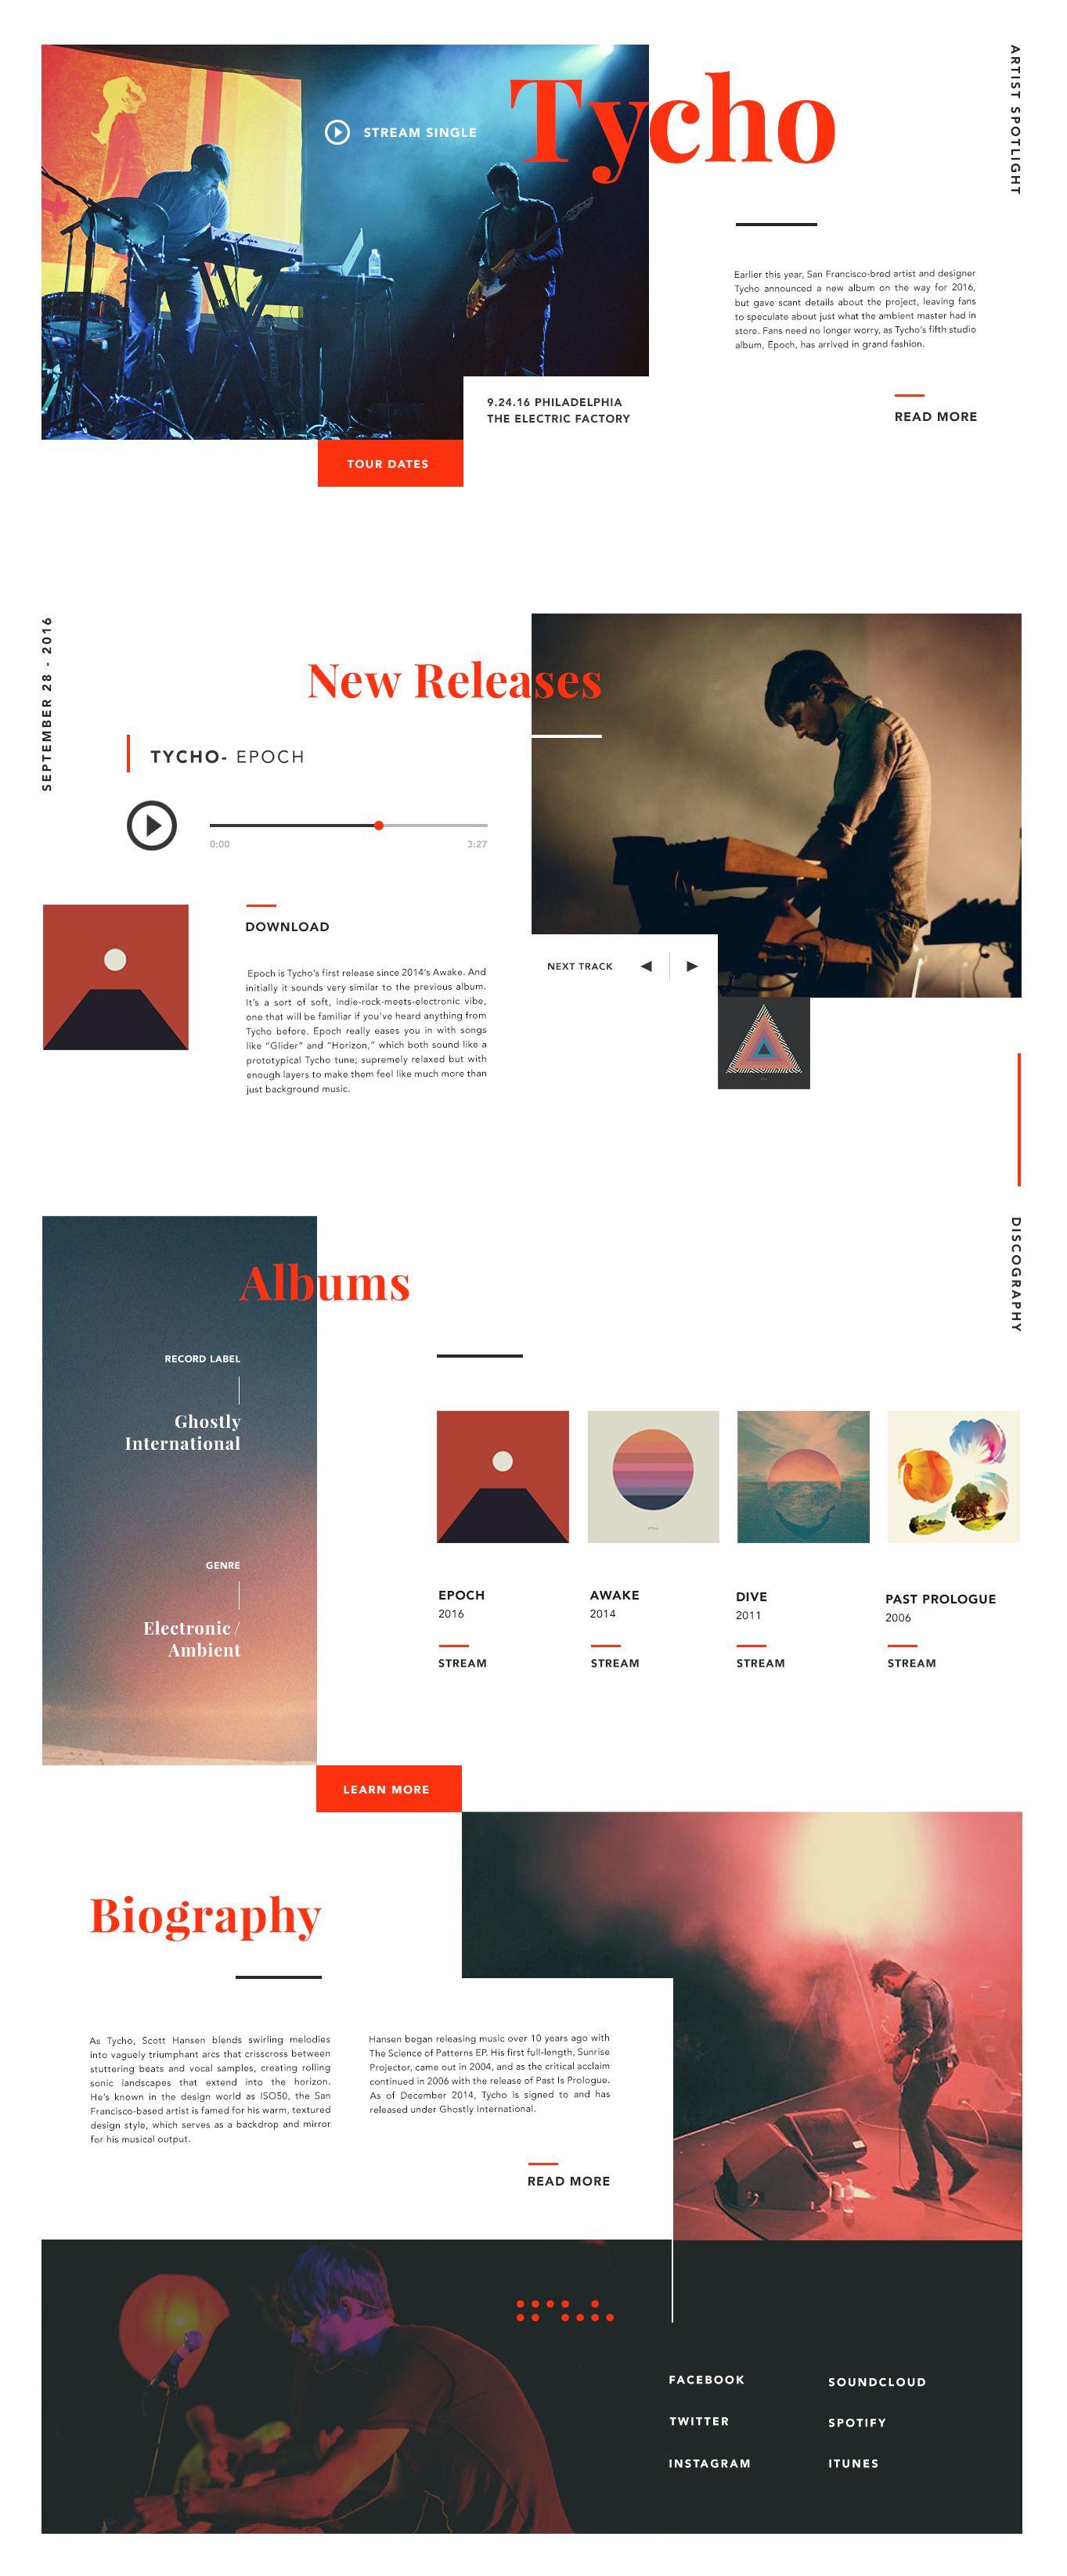 Unique Overlap Of Text On Top Of Images Portfolio Web Design Creative Web Design Website Design